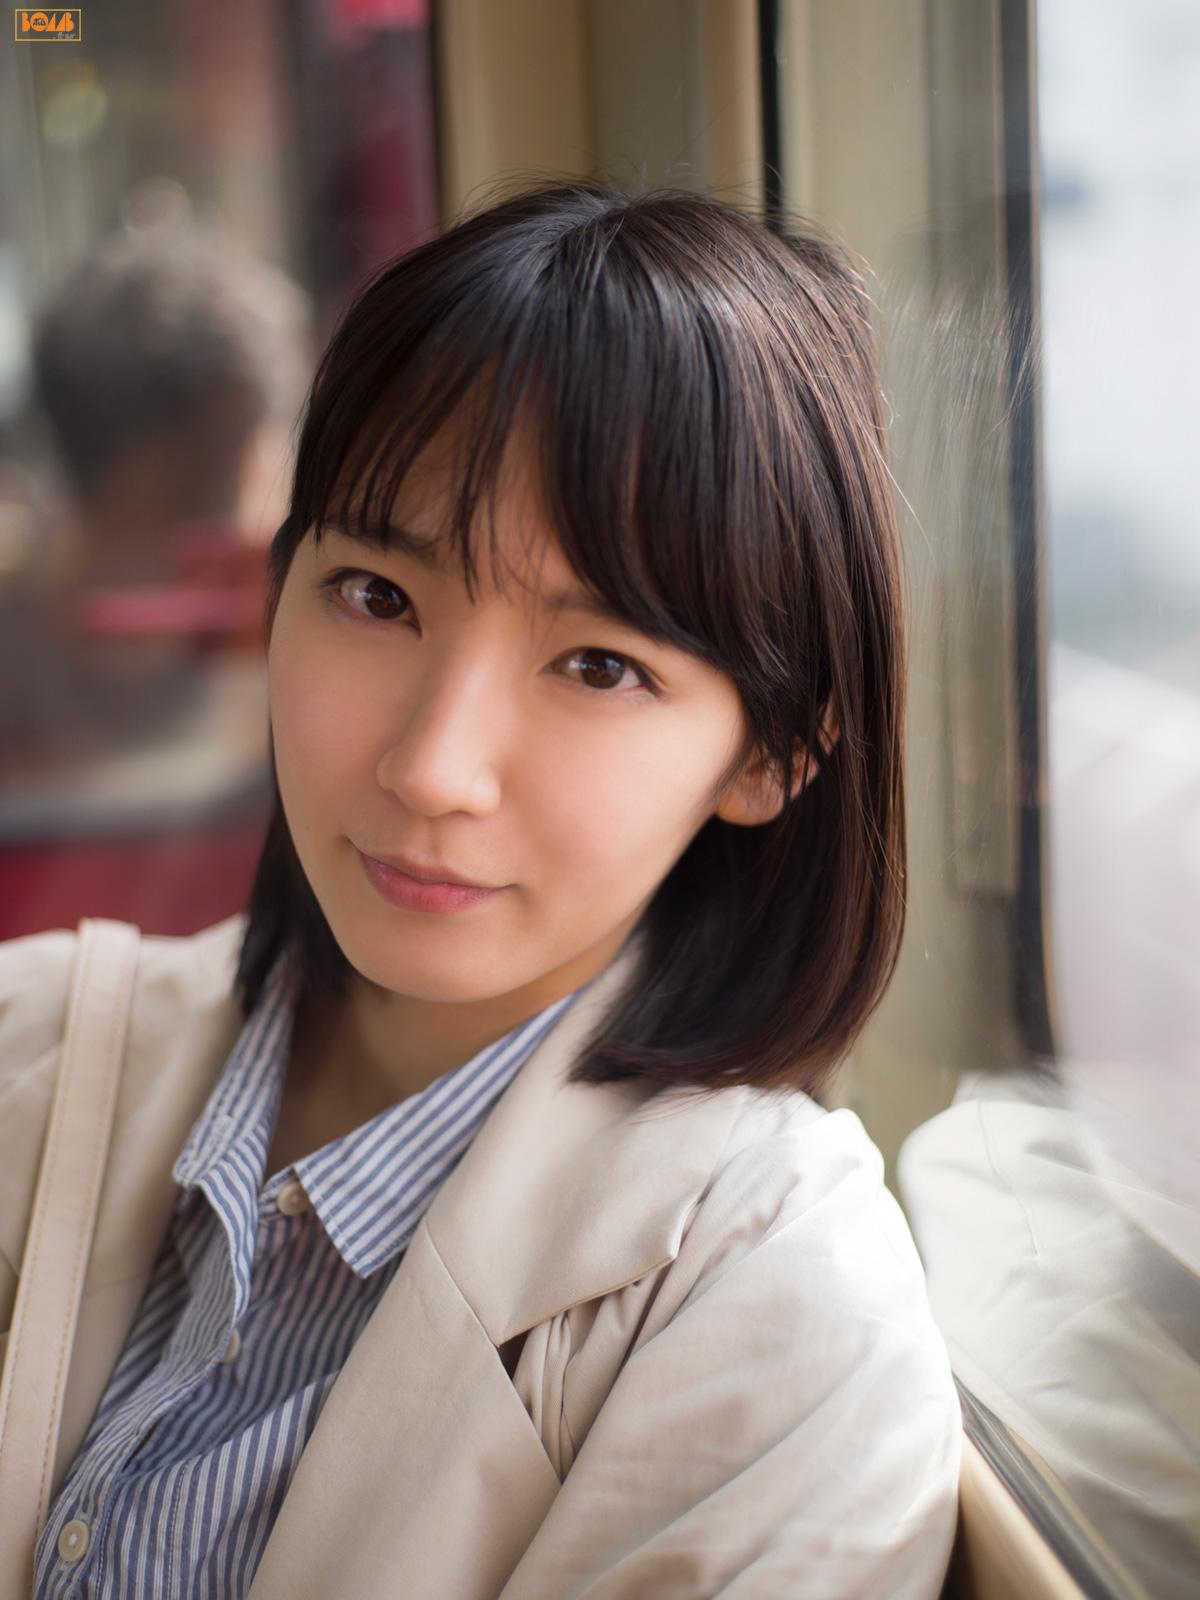 吉岡里帆 出典file.auditiontd.blog.shinobi.jp